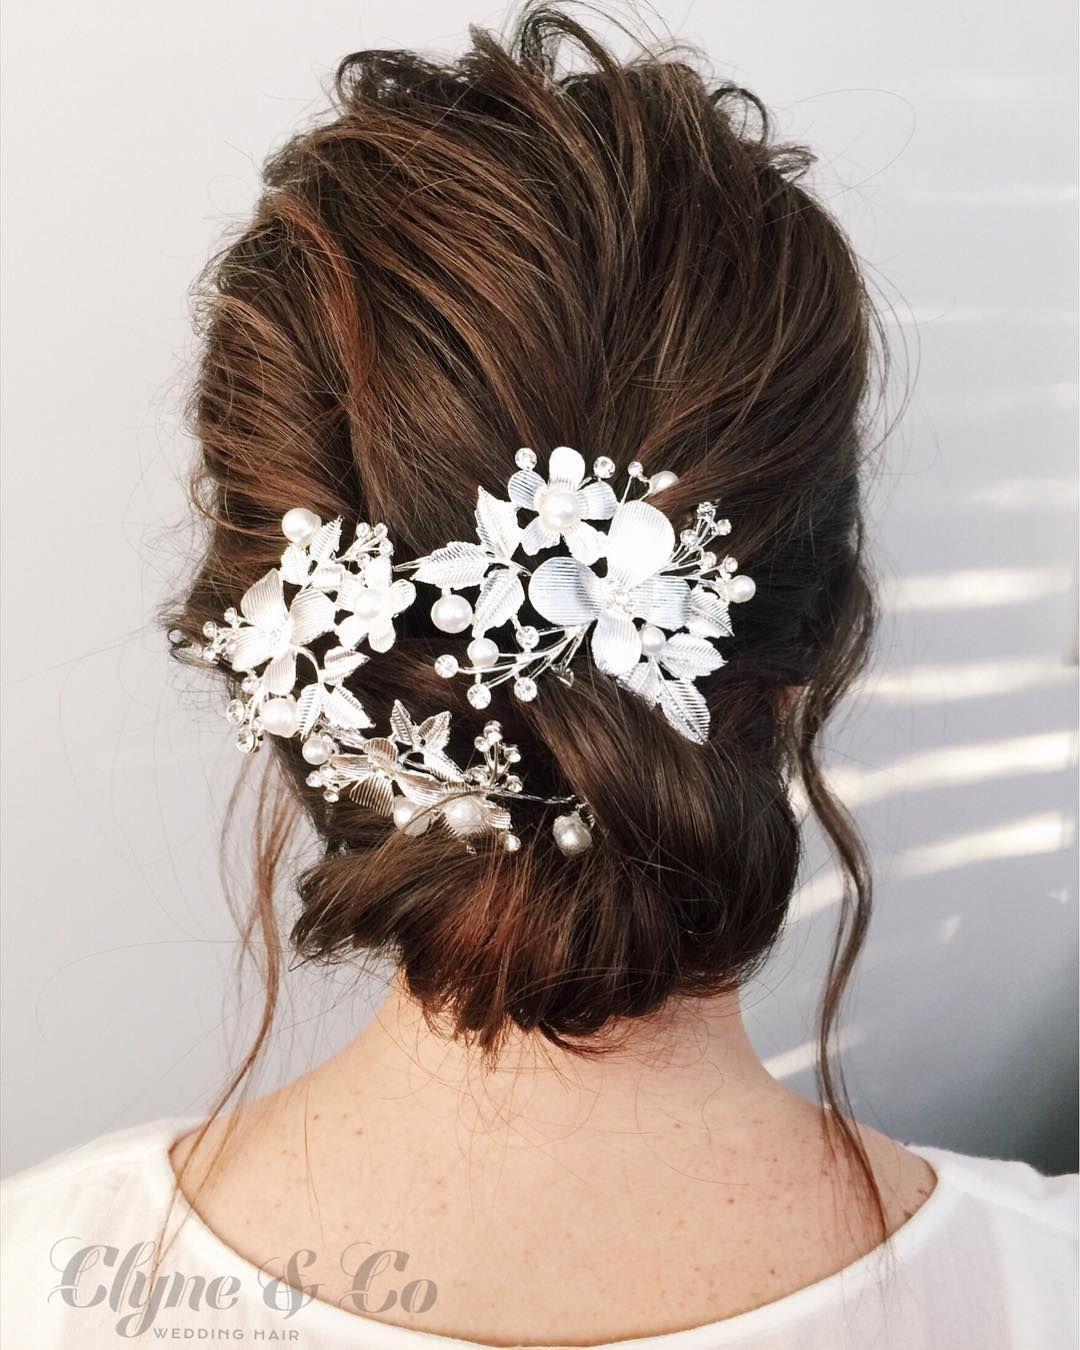 Μοντέρνα νυφικά χτενίσματα  Κότσος χαμηλός με λεπτομέρειες από λευκα  λουλούδια αξεσουάρ. 6d4bd8d1108